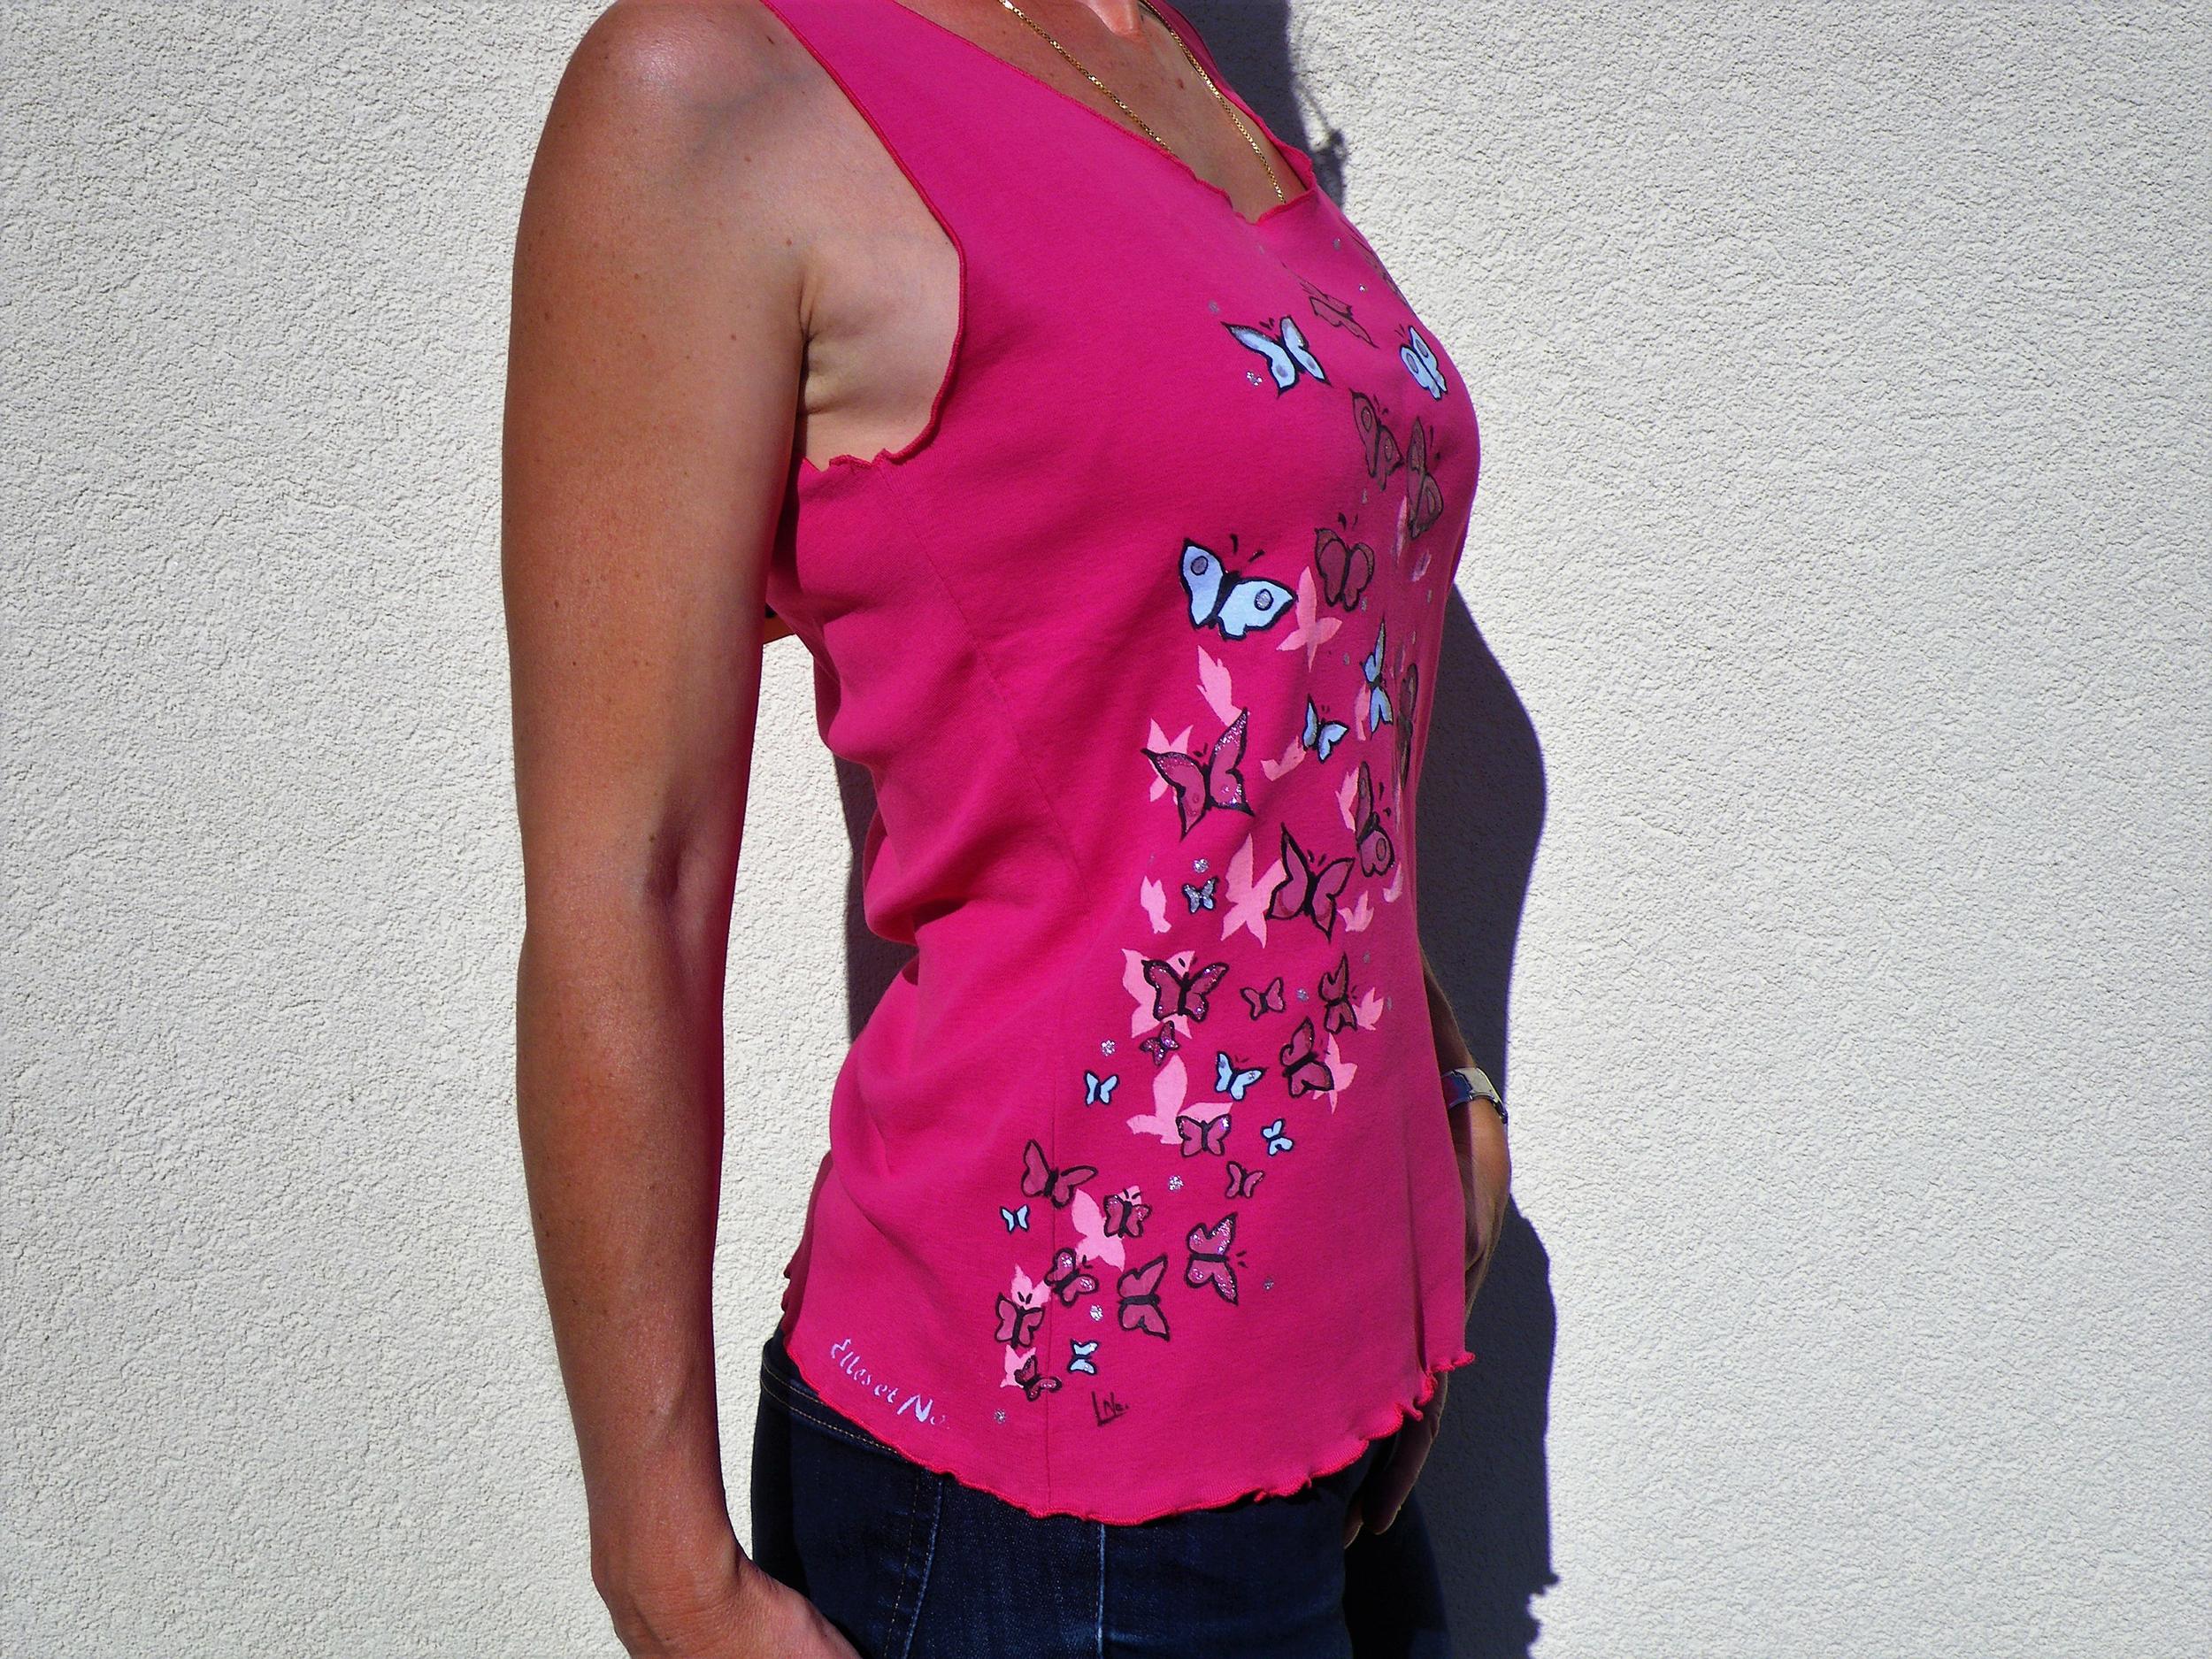 Débardeur femme en coton rose fuchsia, peint à la main.